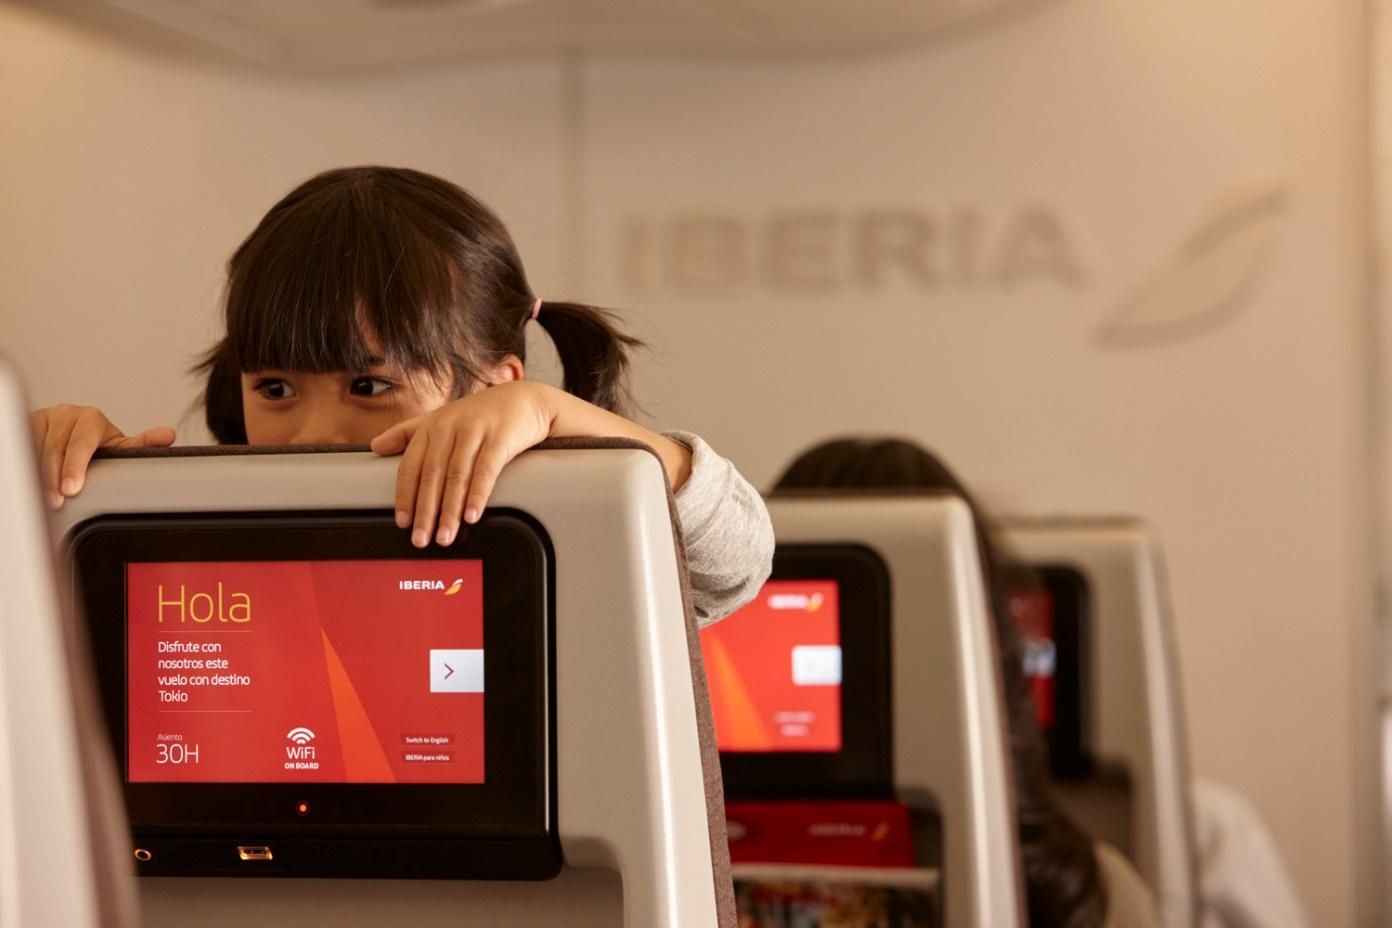 Iberia incorpora nuevos contenidos al entretenimiento a bordo